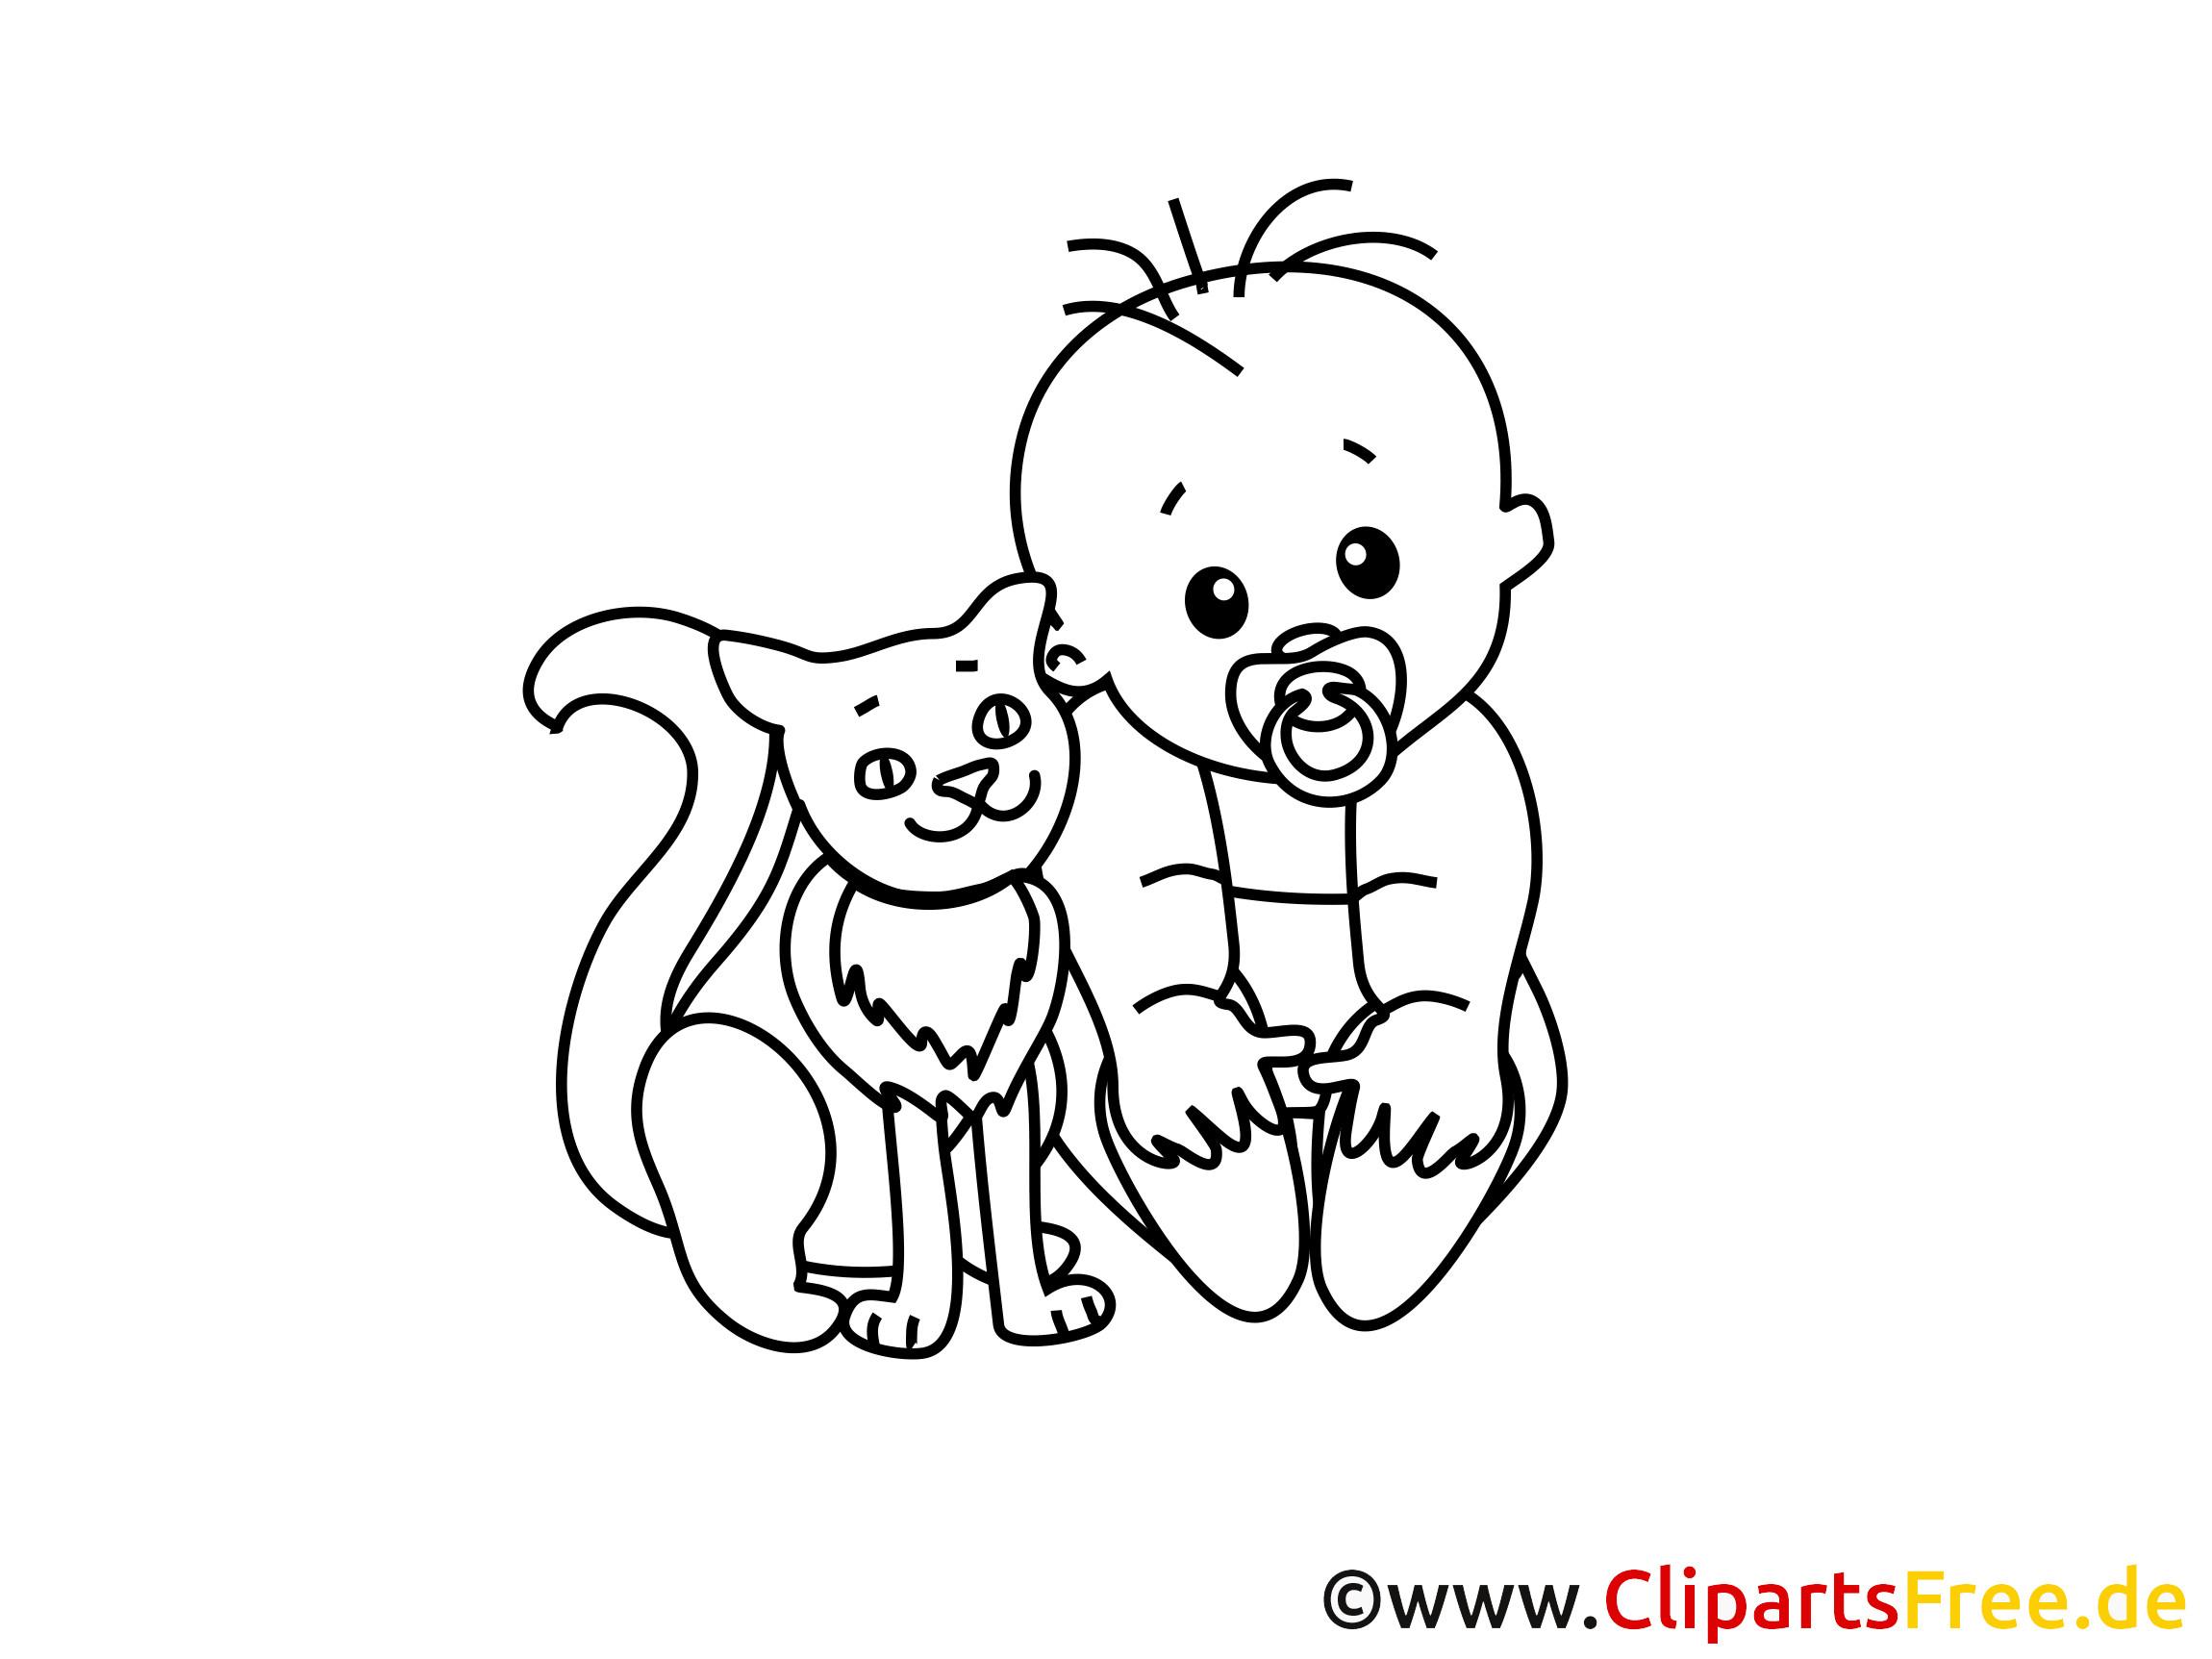 Ausmalbilder Junge  Gratis Ausmalbild Junge Baby mit Hauskatze